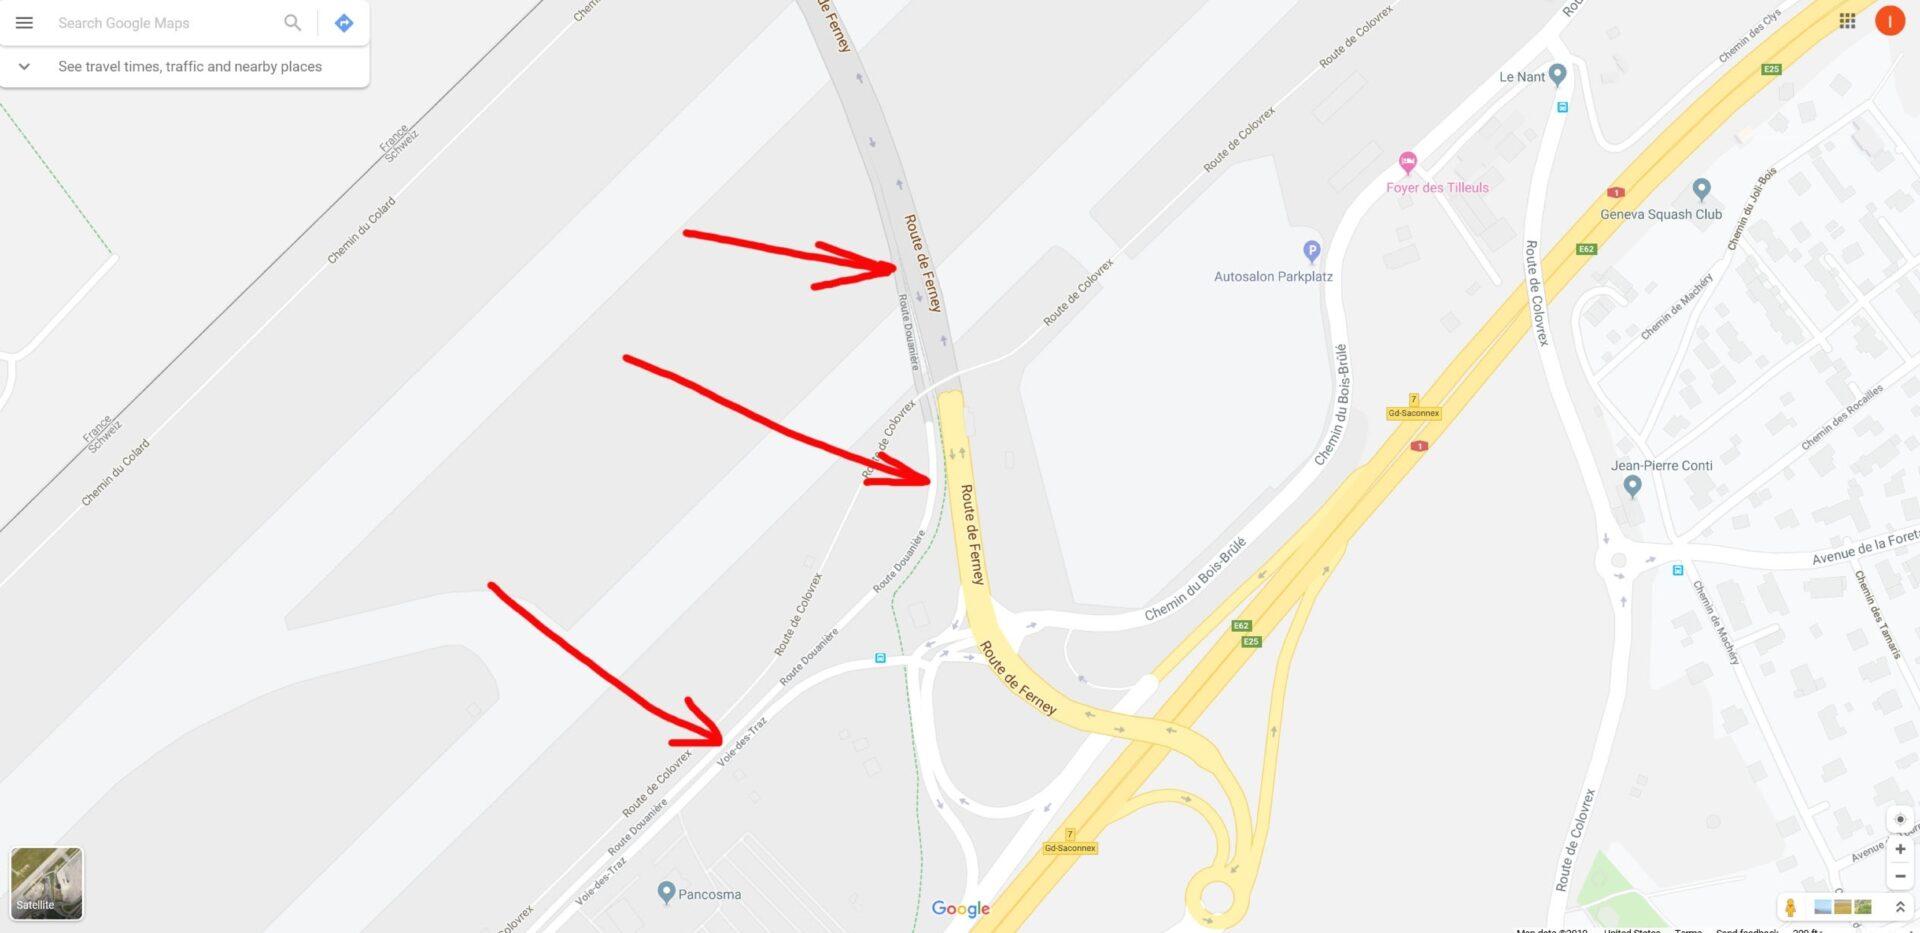 Женевский аэропорт. Как найти DROP-OFF арендованного автомобиля нафранцузской стороне аэропорта.